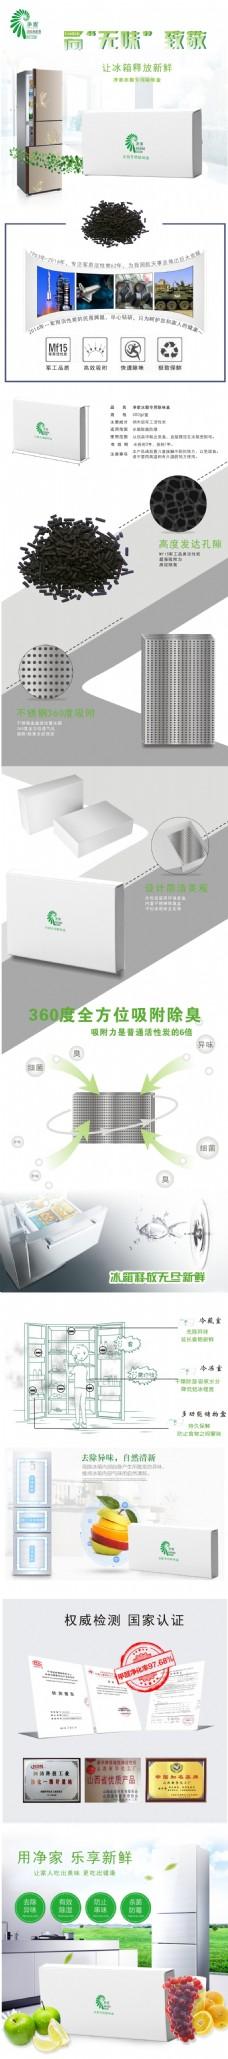 碳盒淘宝详情页